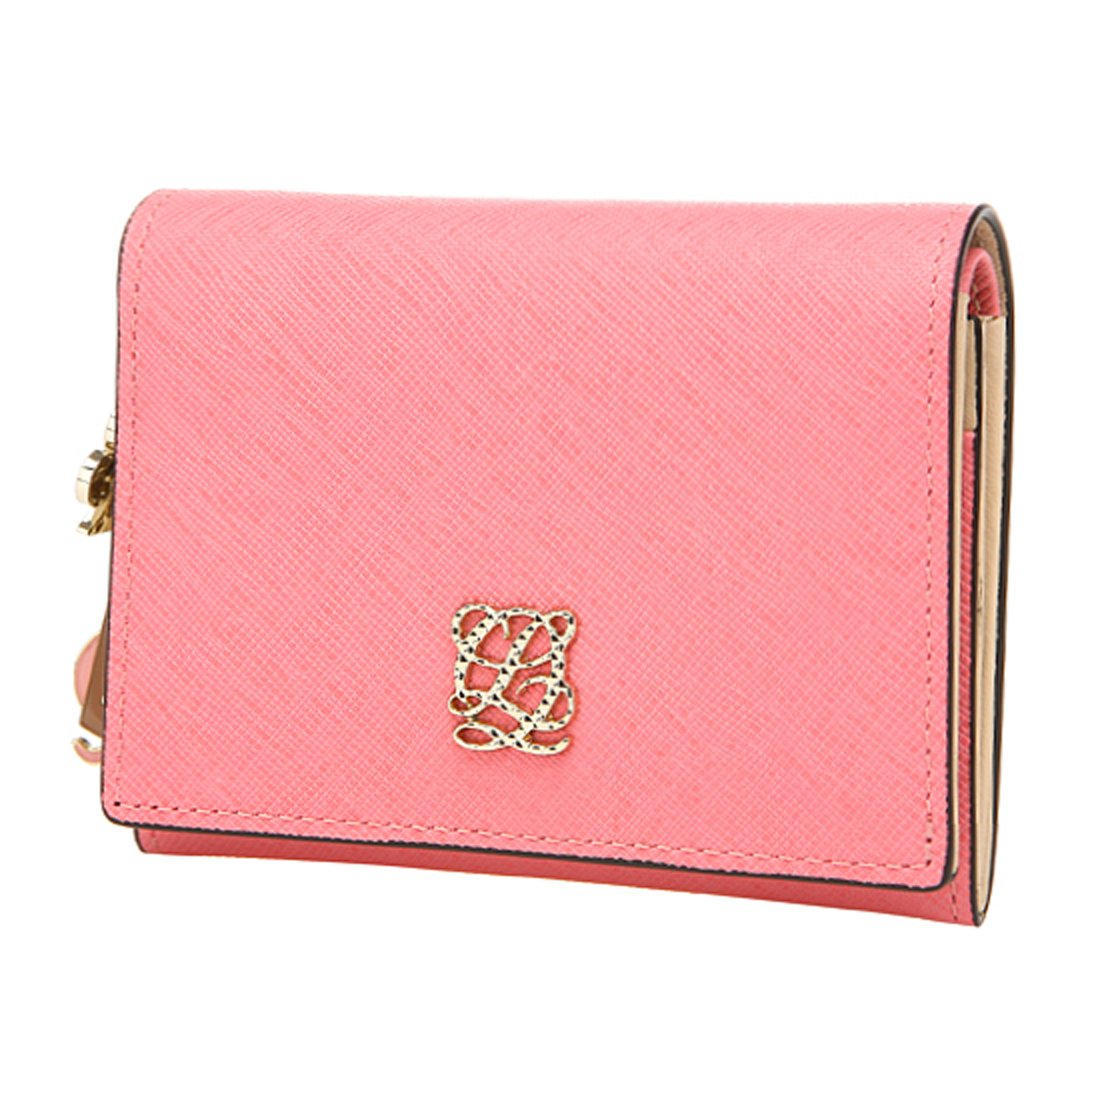 LOUIS QUATORZE Women's Cow Leather Business Card Case SG1AL09SMP One Size Pink